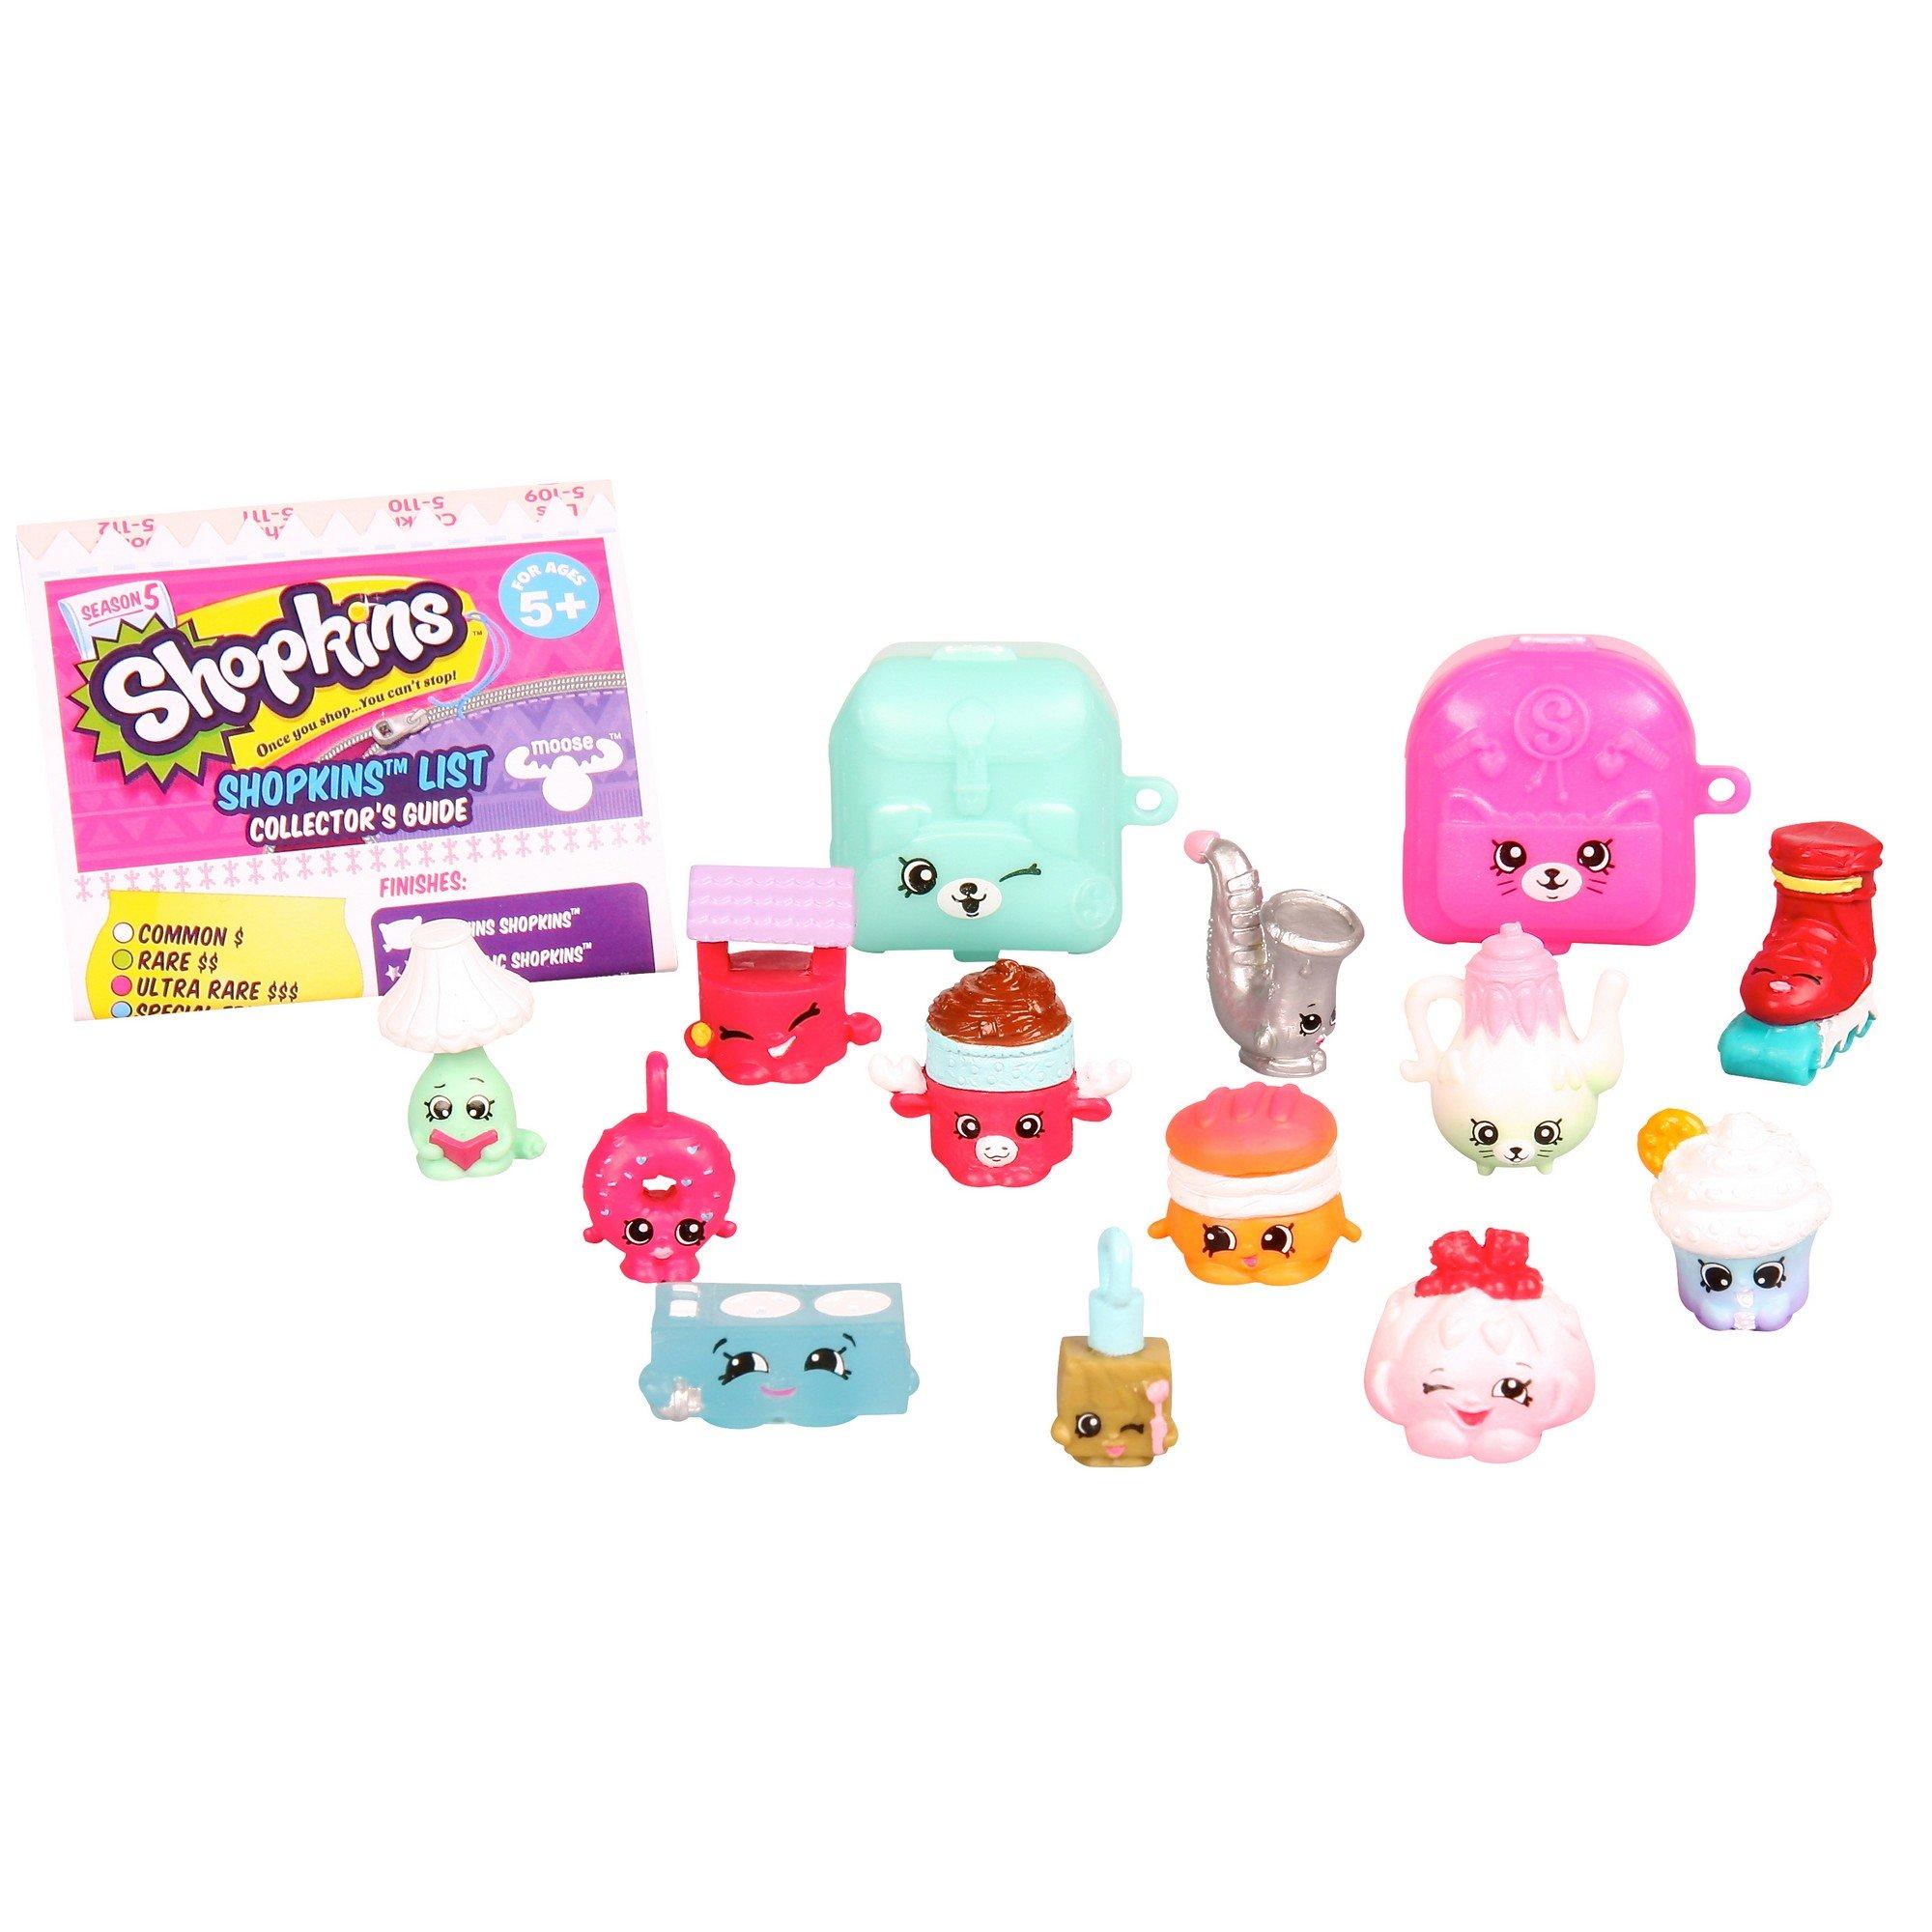 Игровой набор из серии Shopkins: 12 фигурок с аксессуарамиShopkins (Шопкинс)<br>Игровой набор из серии Shopkins: 12 фигурок с аксессуарами<br>